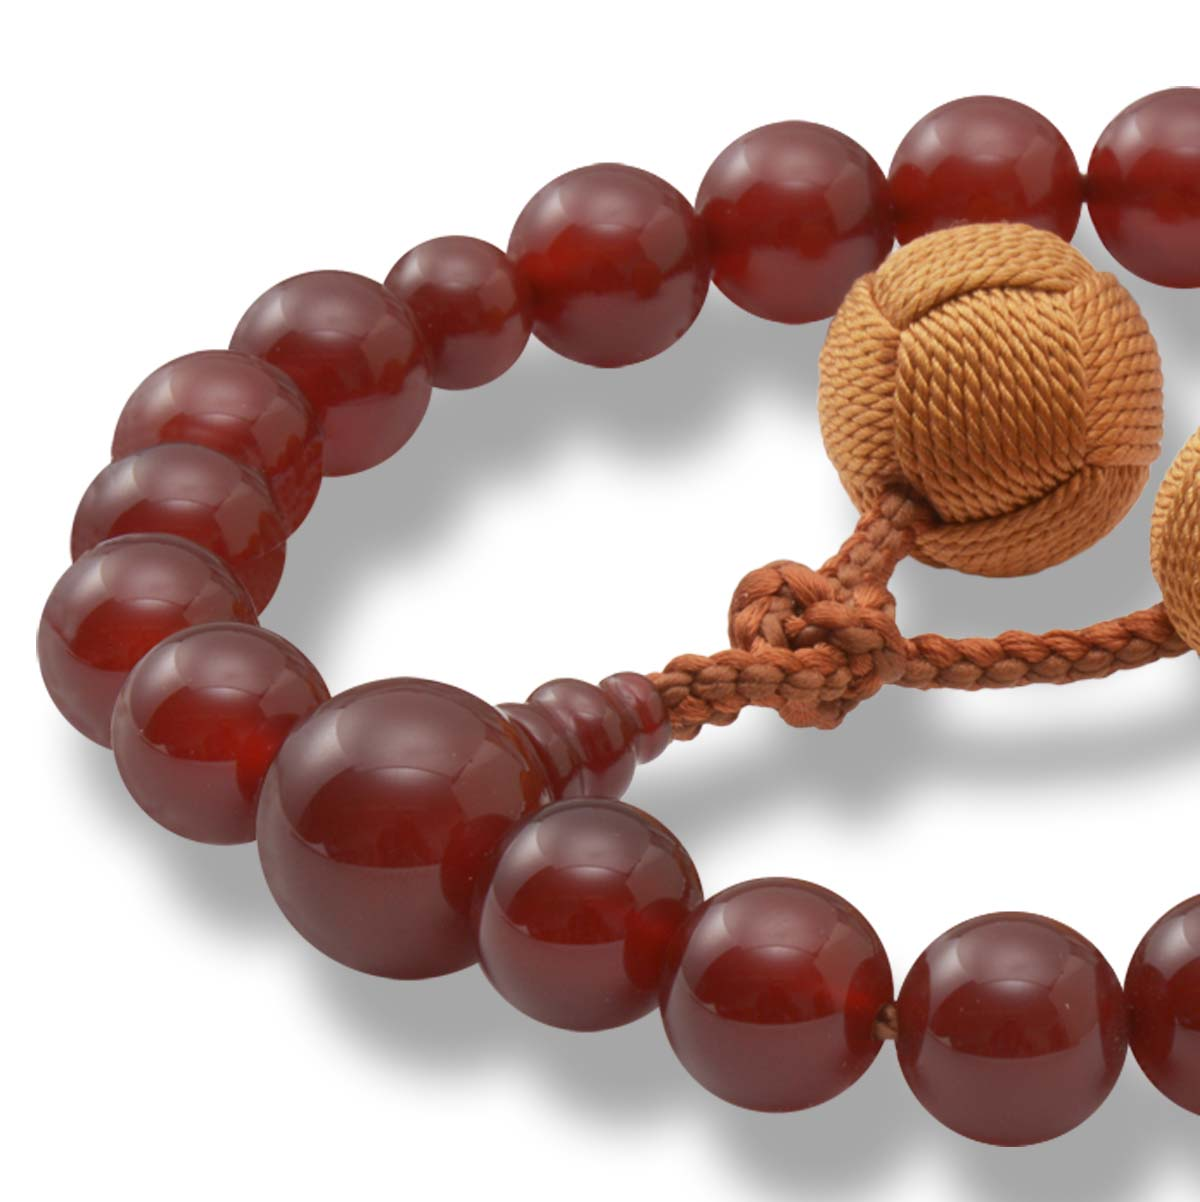 男性用 片手数珠 本瑪瑙22玉 共仕立 釈迦梵天房 日本製